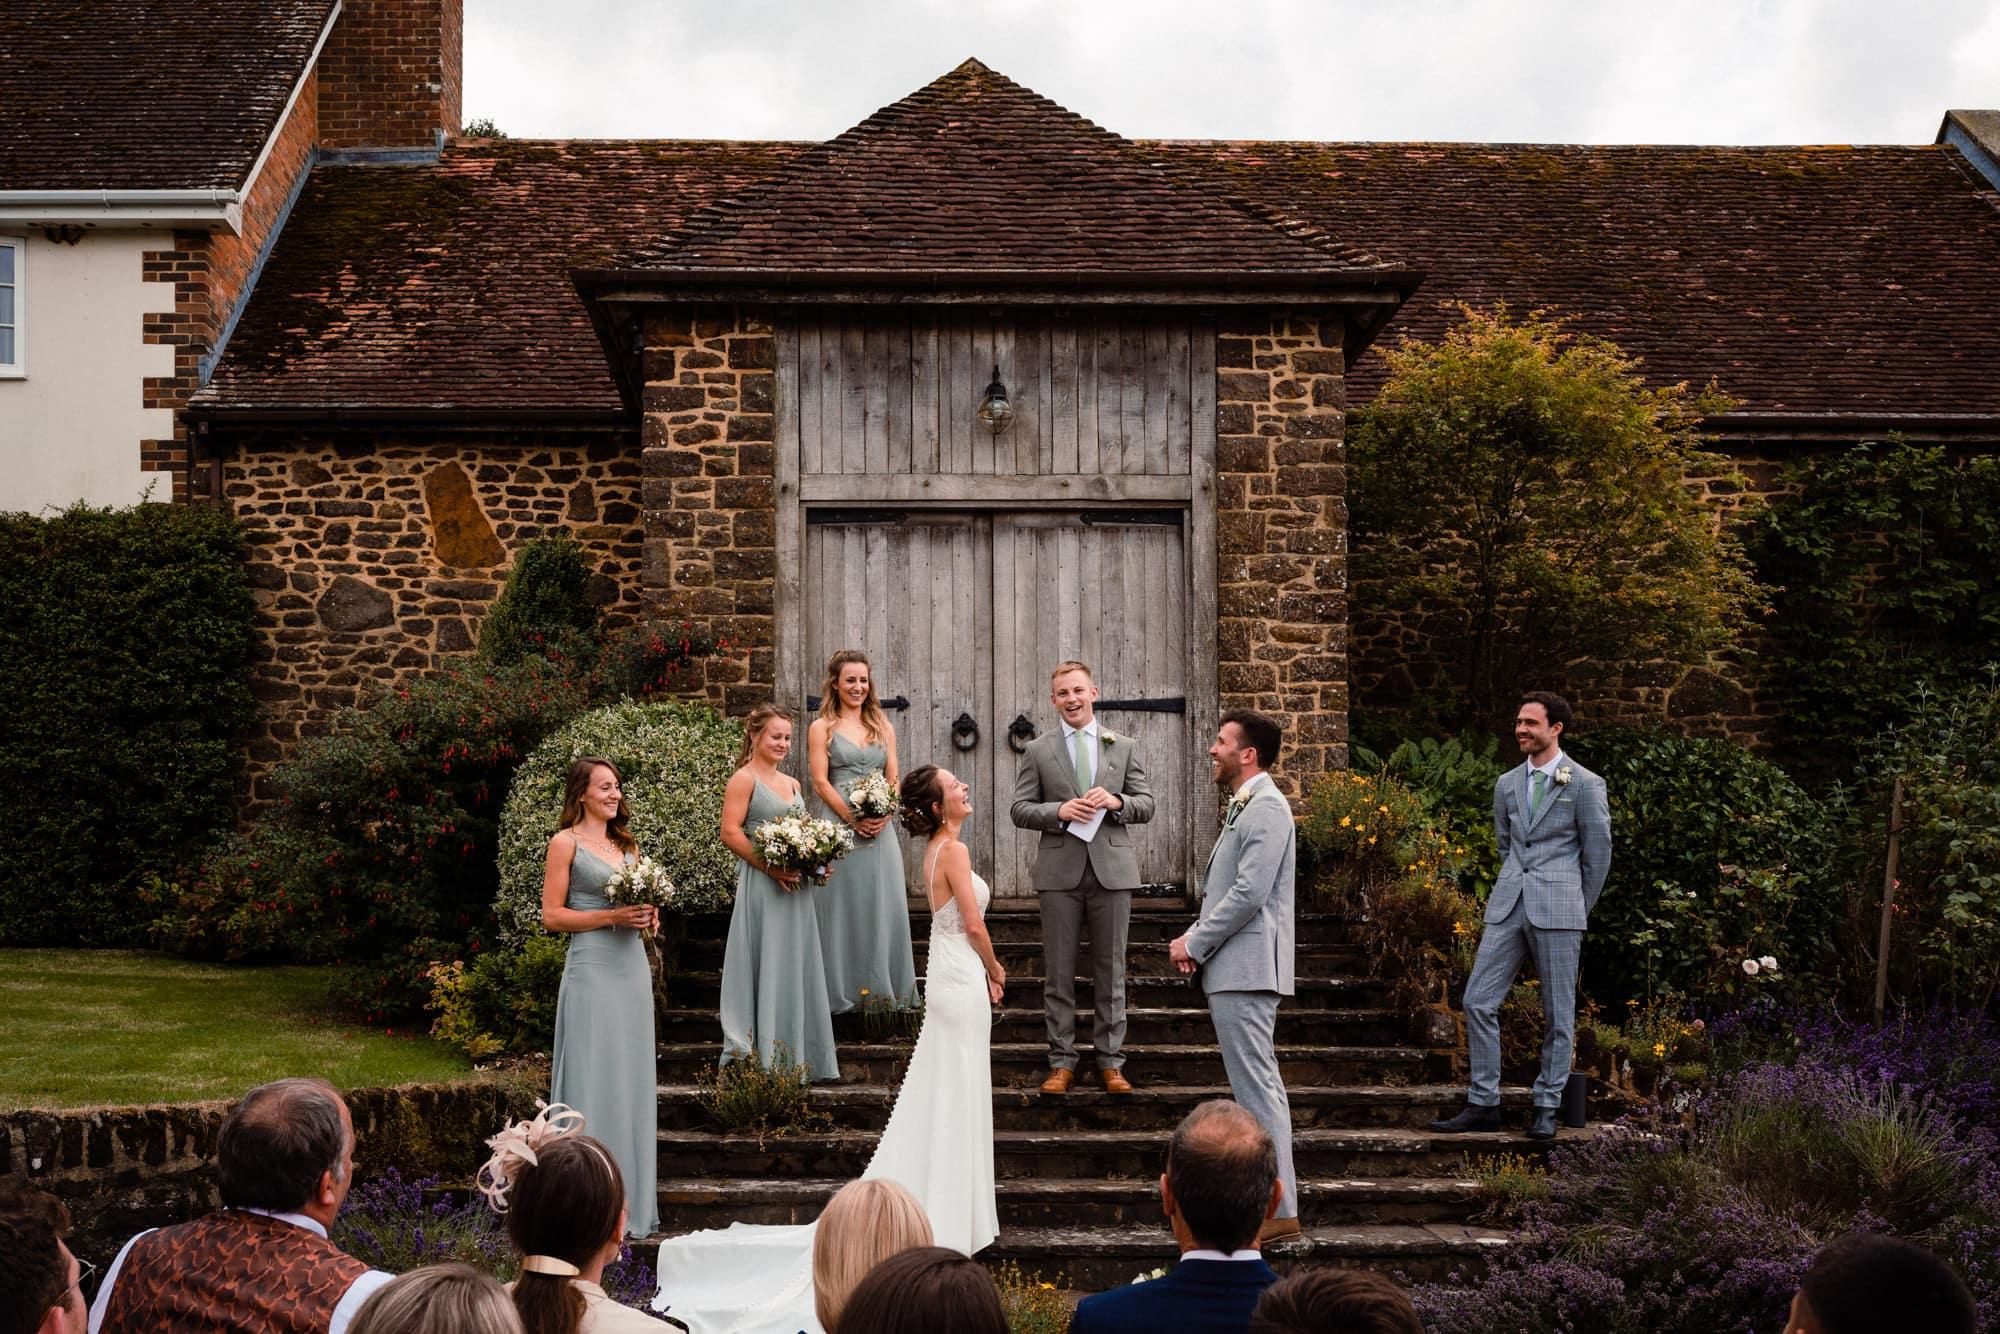 dorset wedding photography ceremony